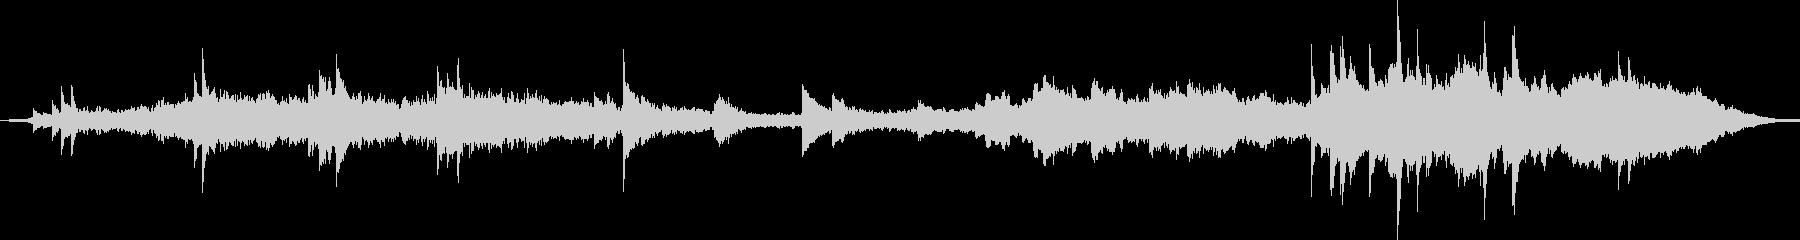 感情的なオーケストレーションのサウ...の未再生の波形